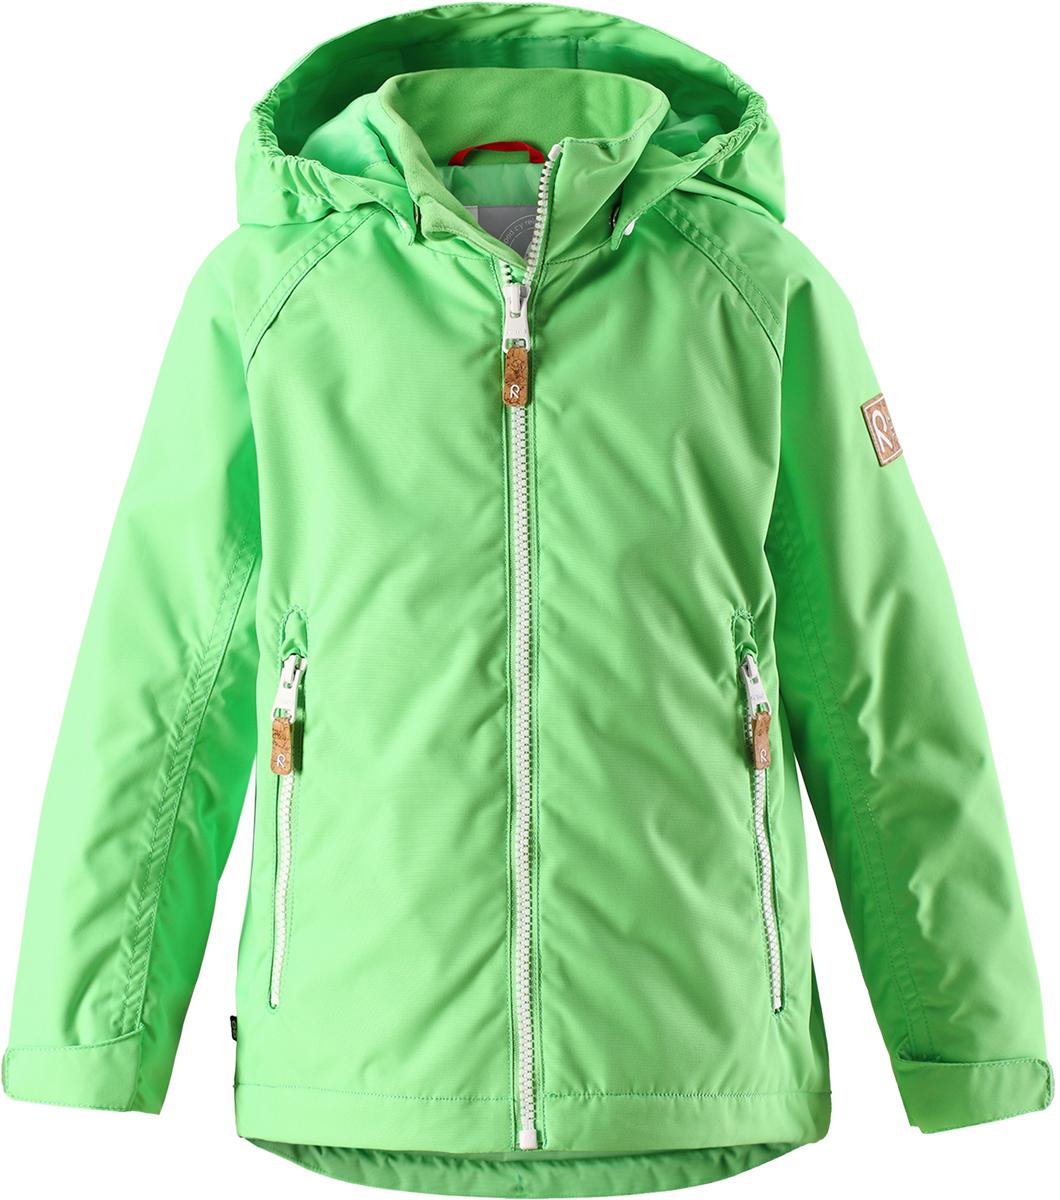 Куртка детская Reima, цвет: зеленый. 521529R8460. Размер 146521529R8460Детская куртка Reima выполнена из полиэстера с полиуретановым покрытием. Модель с воротником-стойкой и съемным капюшоном застегивается на застежку-молнию. Капюшон пристегивается с помощью кнопок. Спереди расположены прорезные карманы на застежках-молниях. Низы рукавов дополнены хлястиками на липучках.